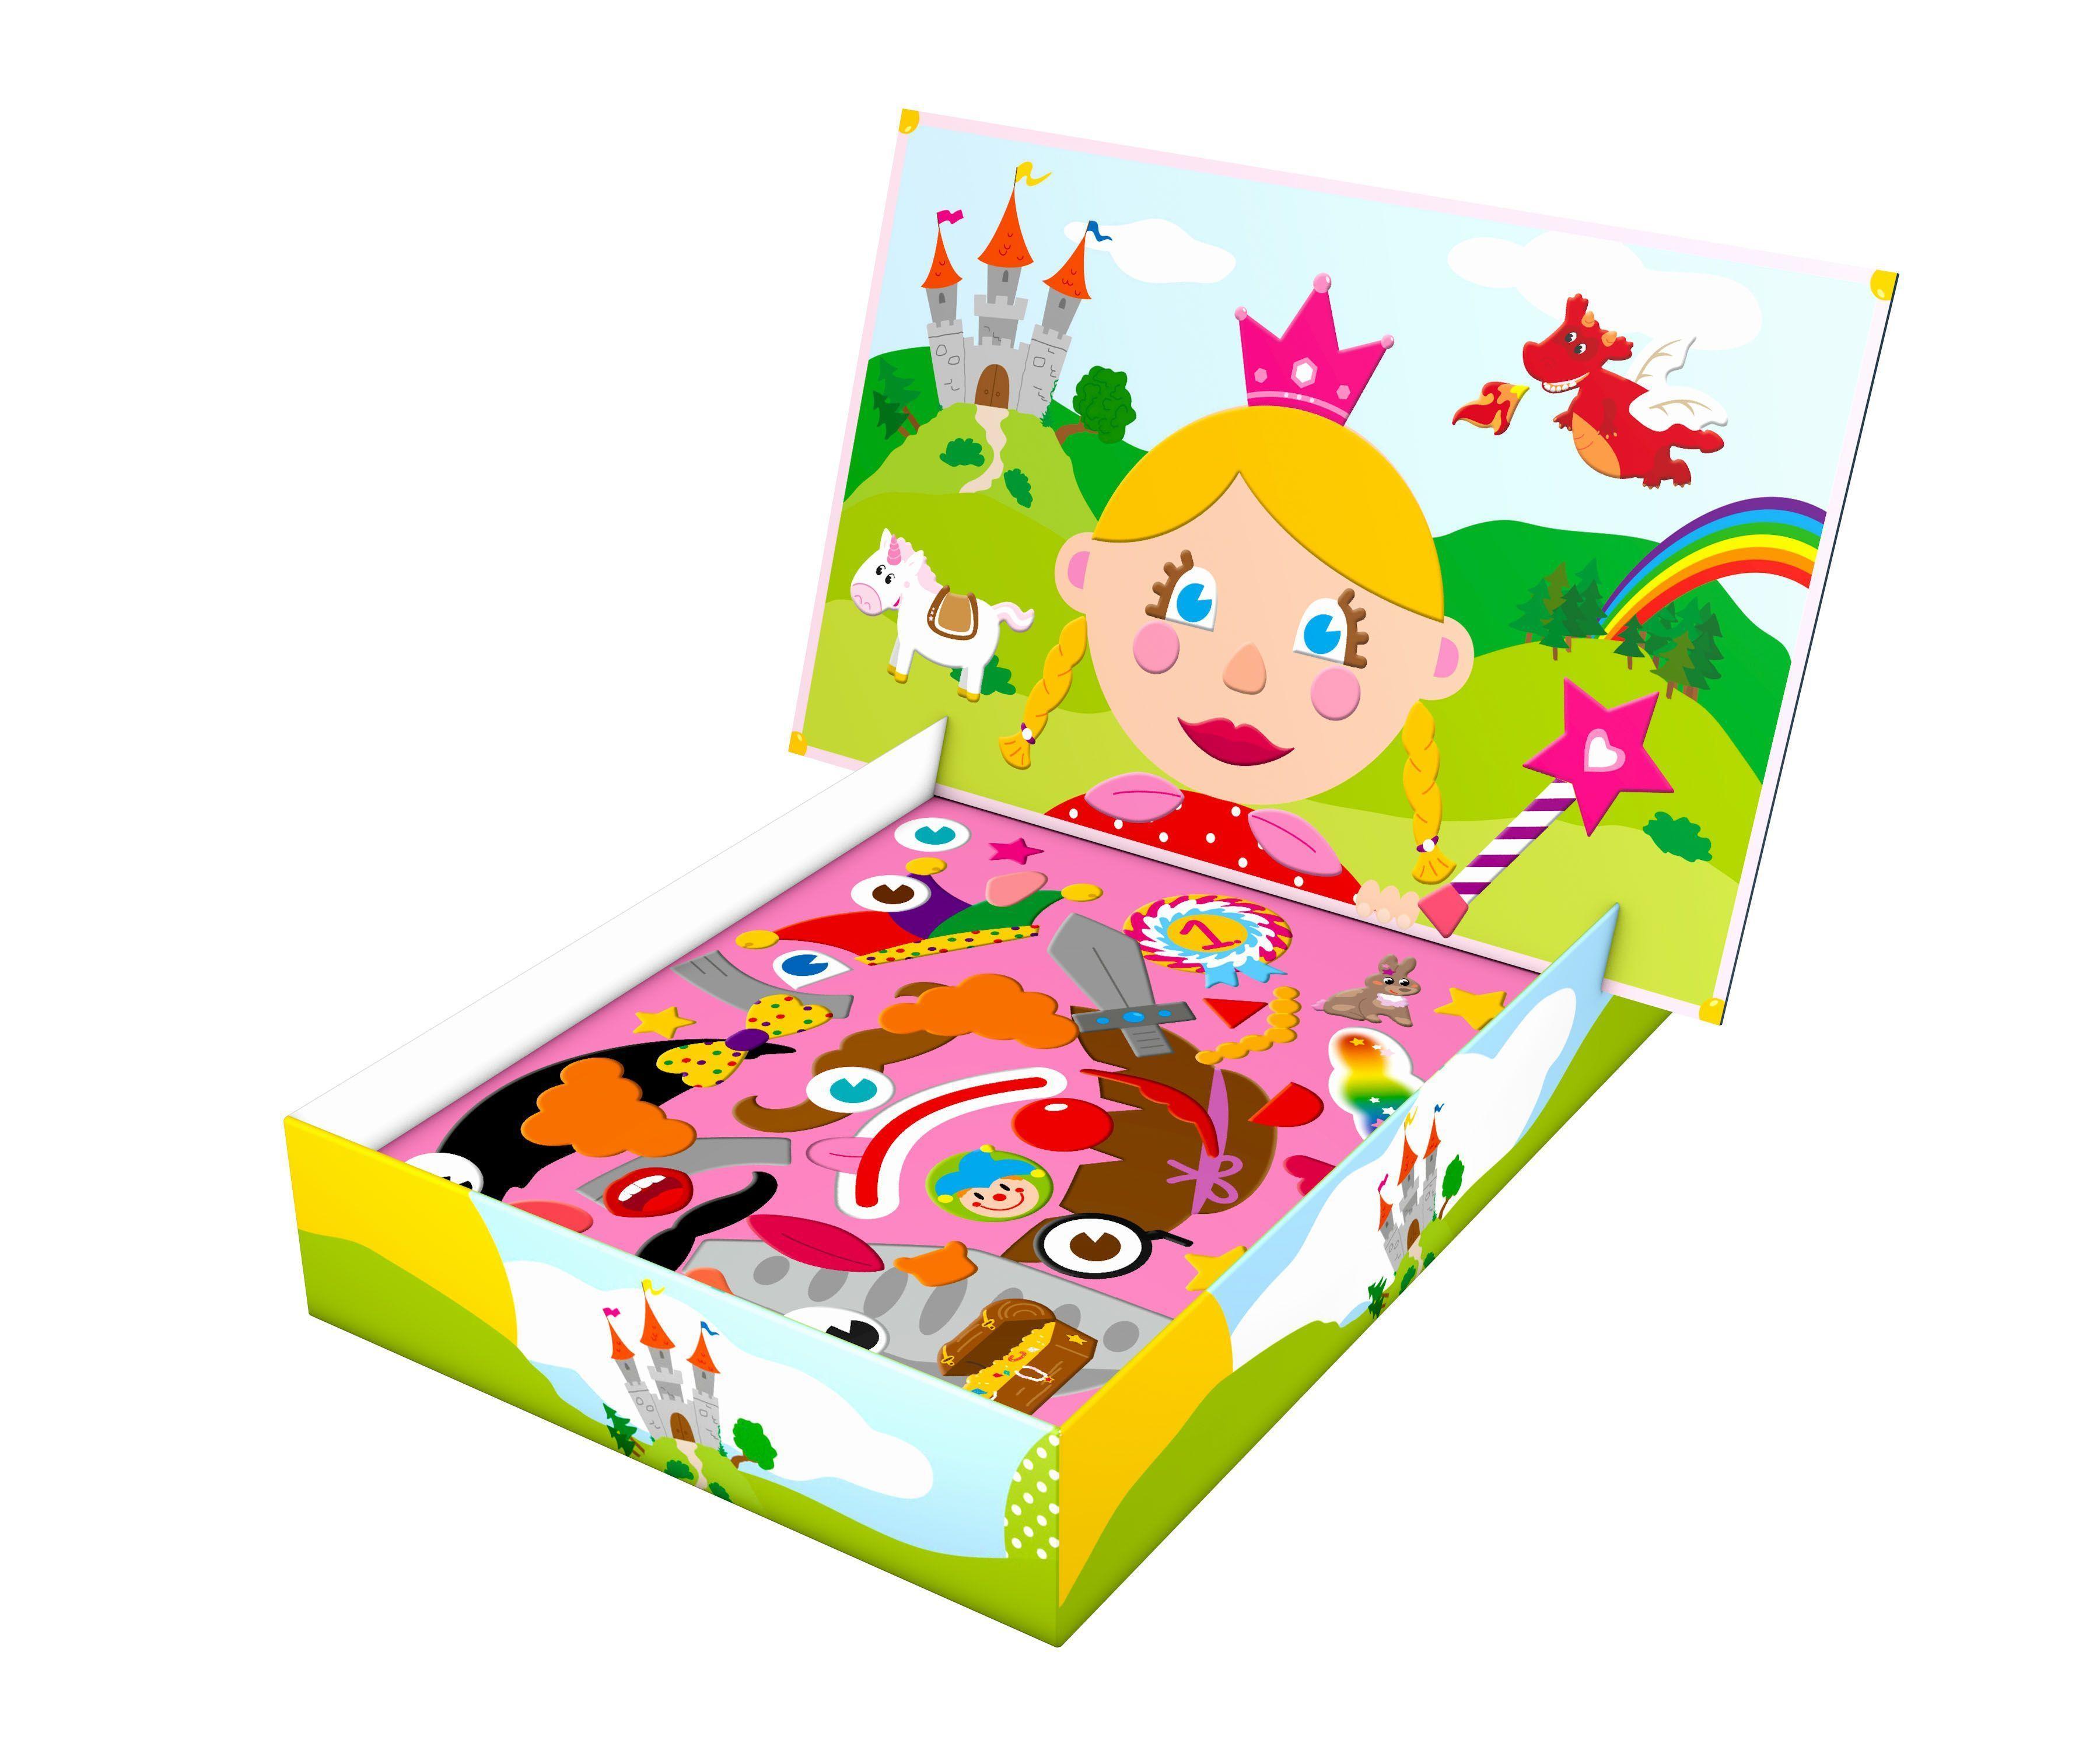 Magnetspiel Sonstige Spielzeug-Artikel Prinzessin und Einhorn Noris Spiel Deutsch 2018